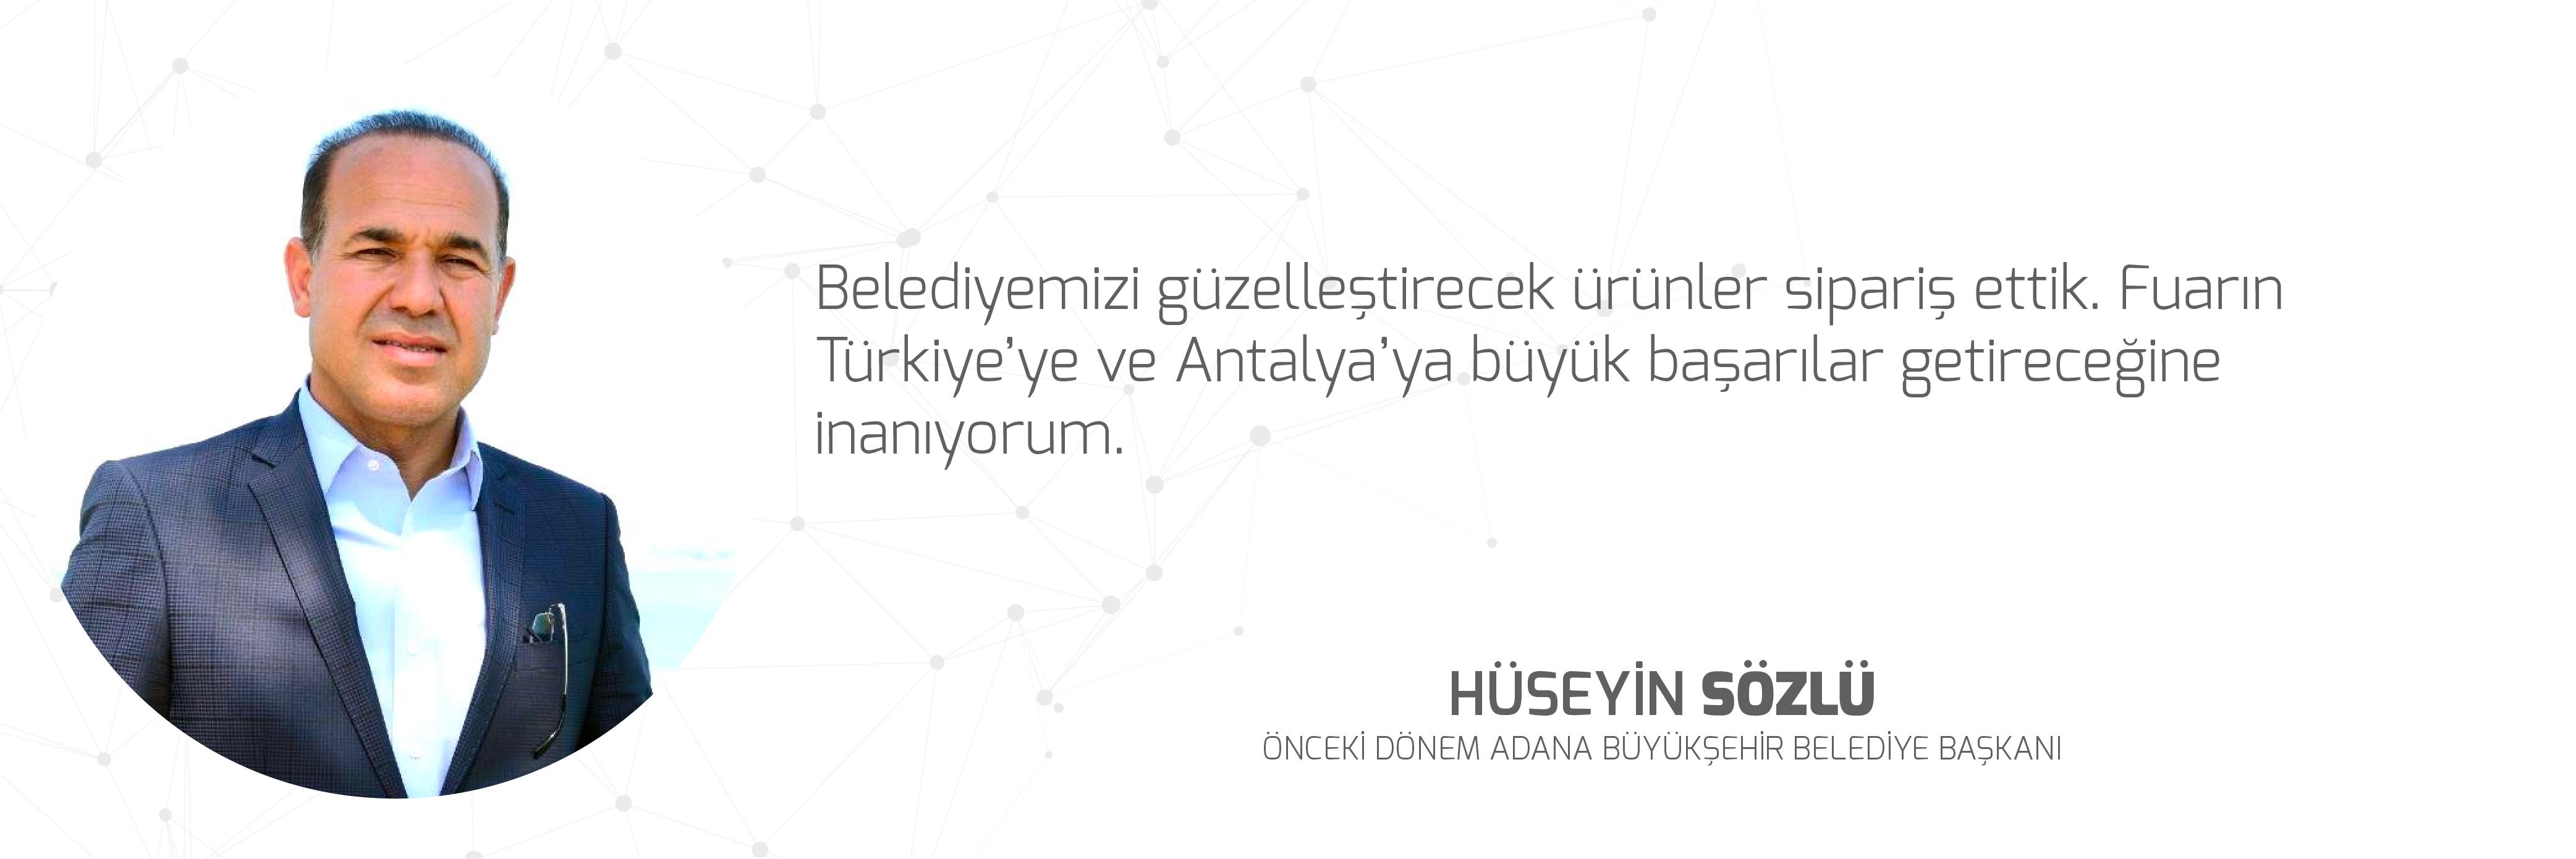 huseyni_sozlu